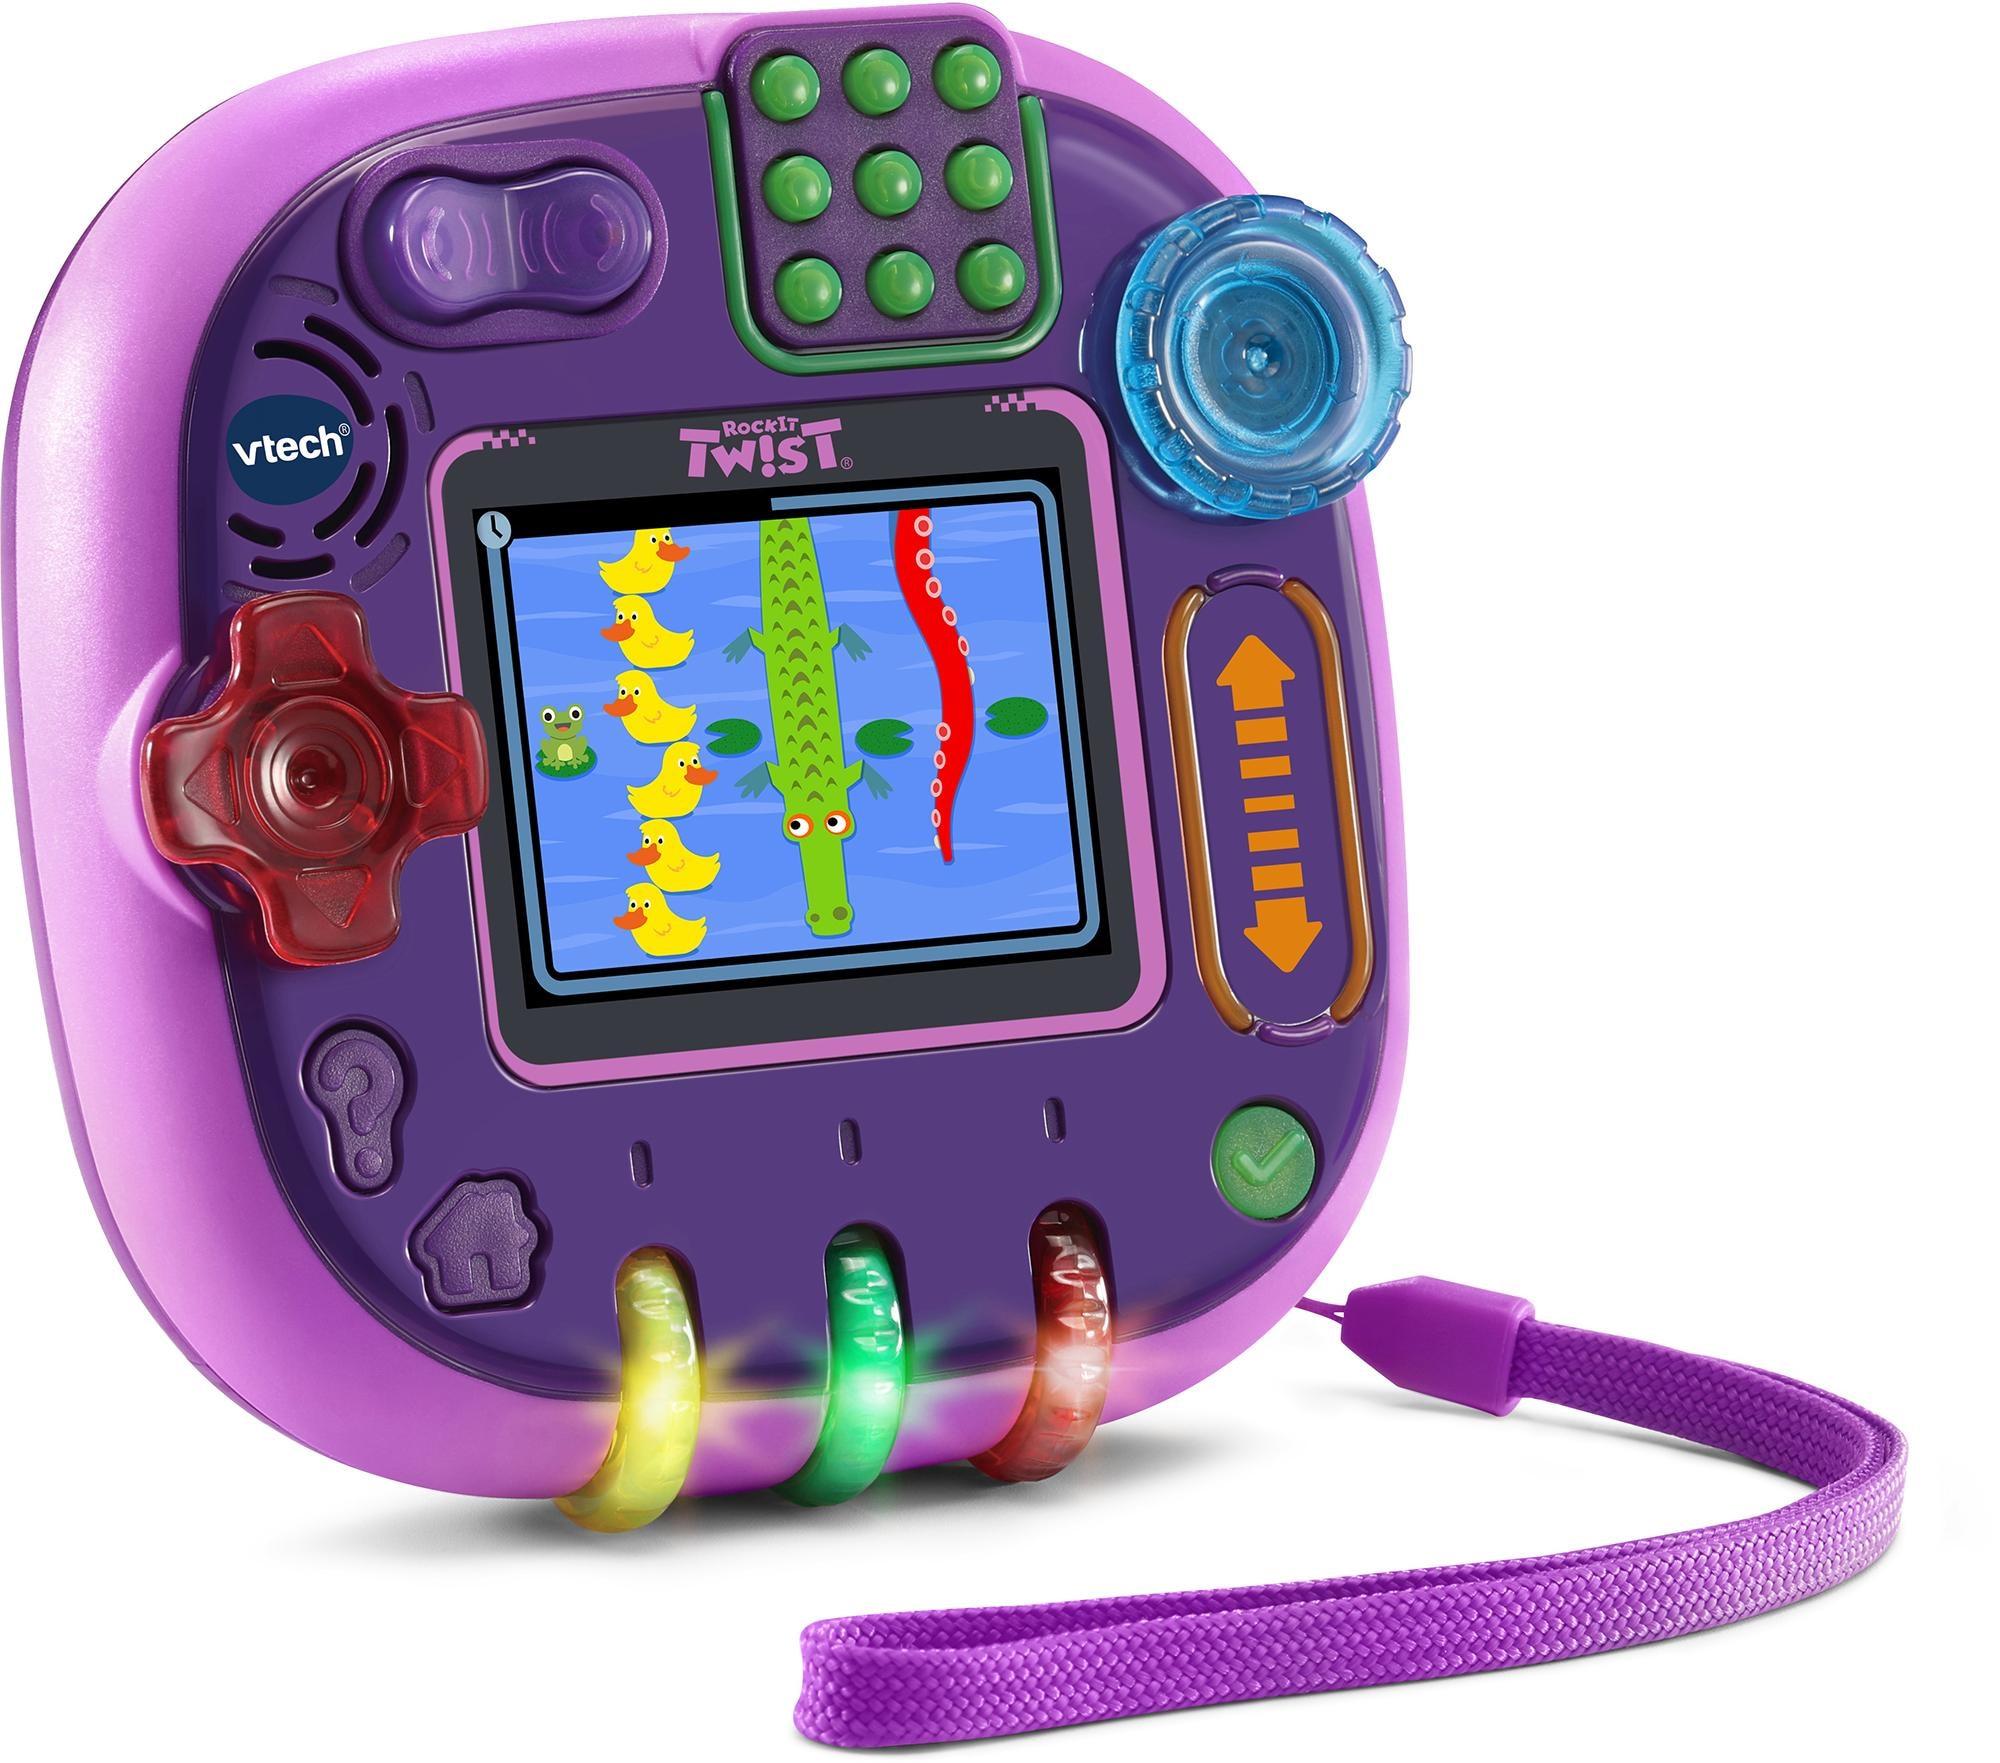 """Vtech Lerntablet """"RockIt TWIST berry ice"""" Technik & Freizeit/Spielzeug/Lernspielzeug/Kinder-Computer"""